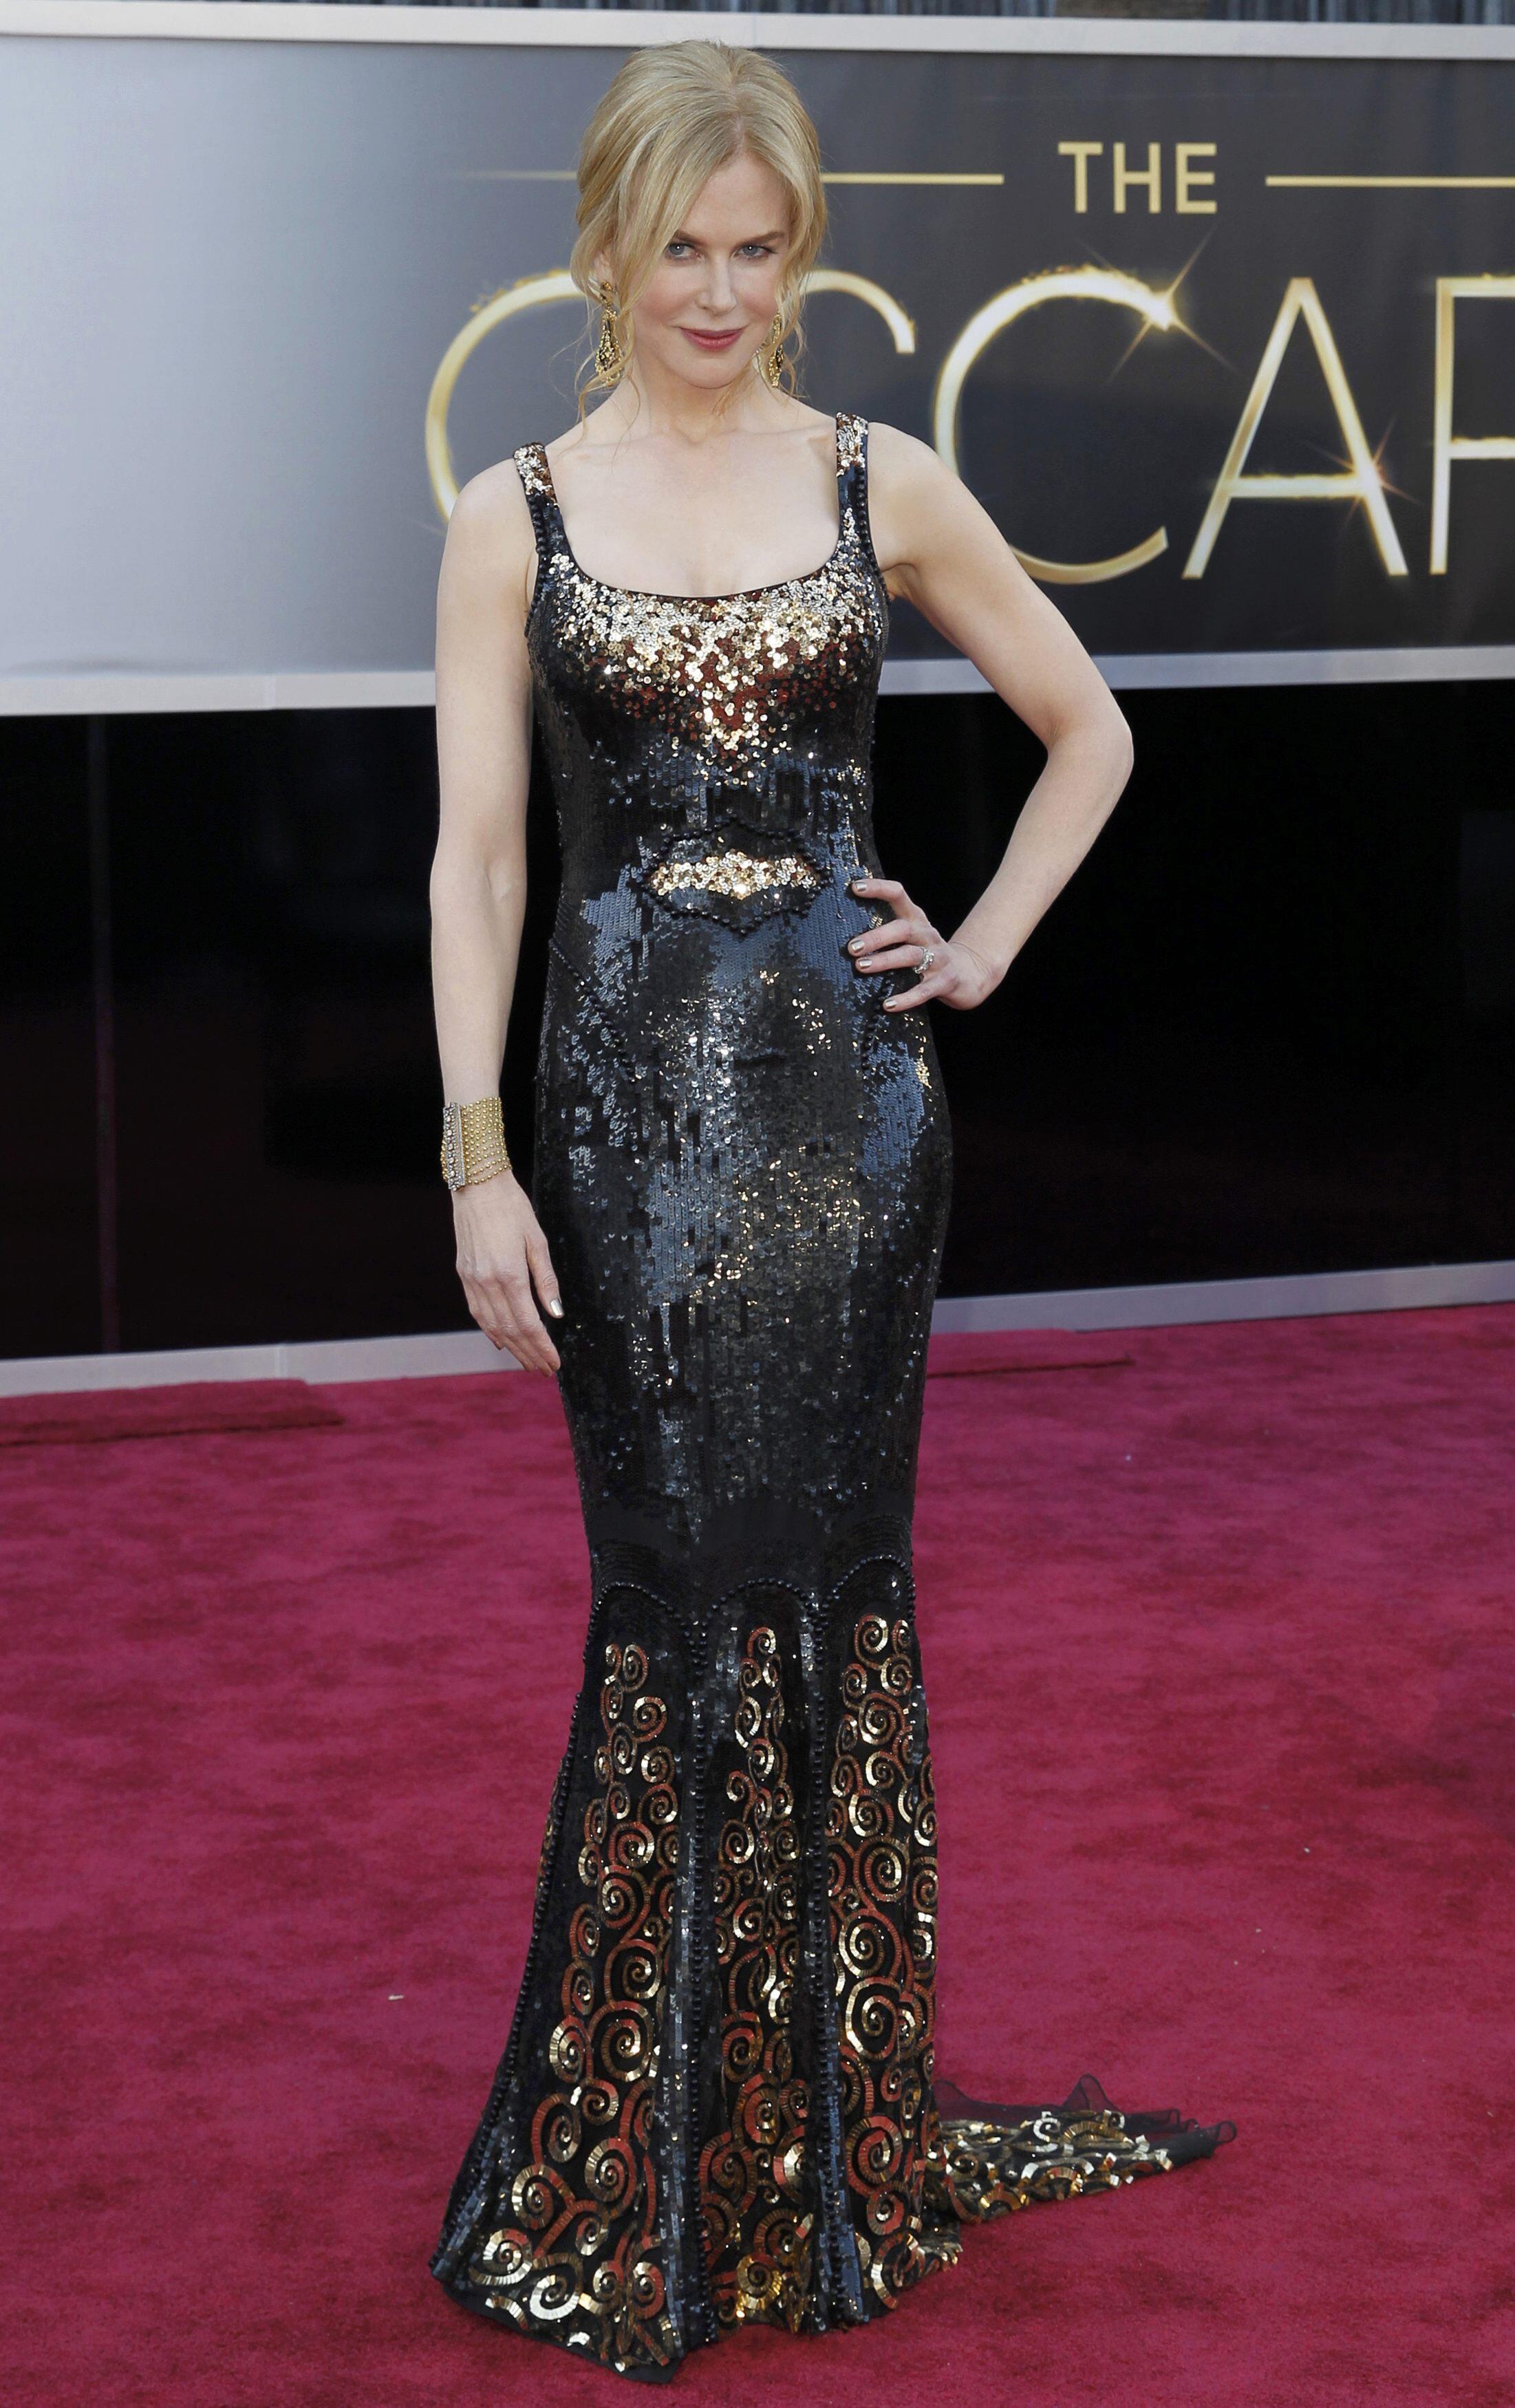 A atriz Nicole Kidman será uma das integrantes do júri do 66° festival de Cannes.